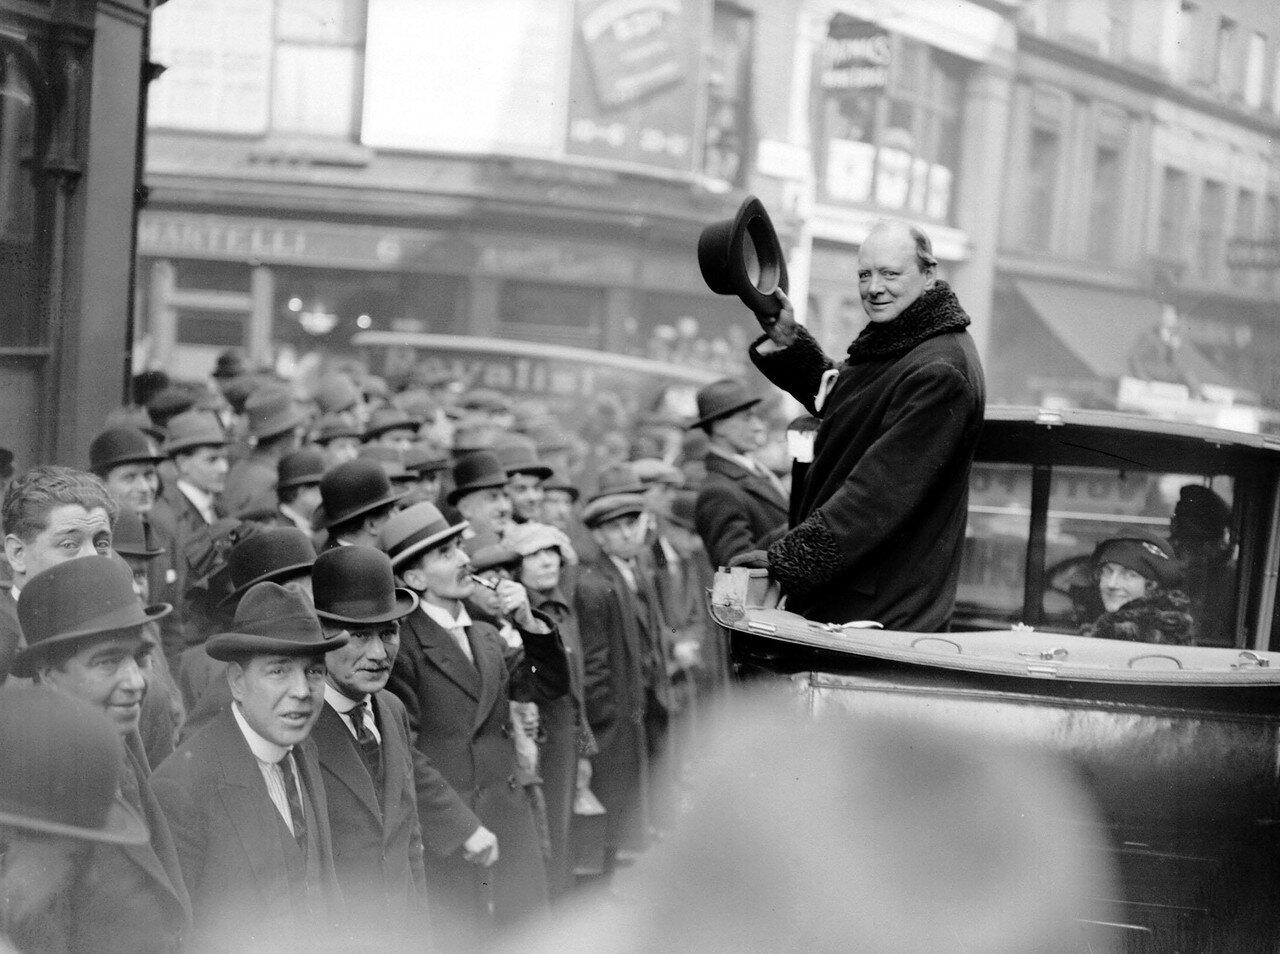 1924. Уинстон Черчилль обращается к толпе после поражения на выборах